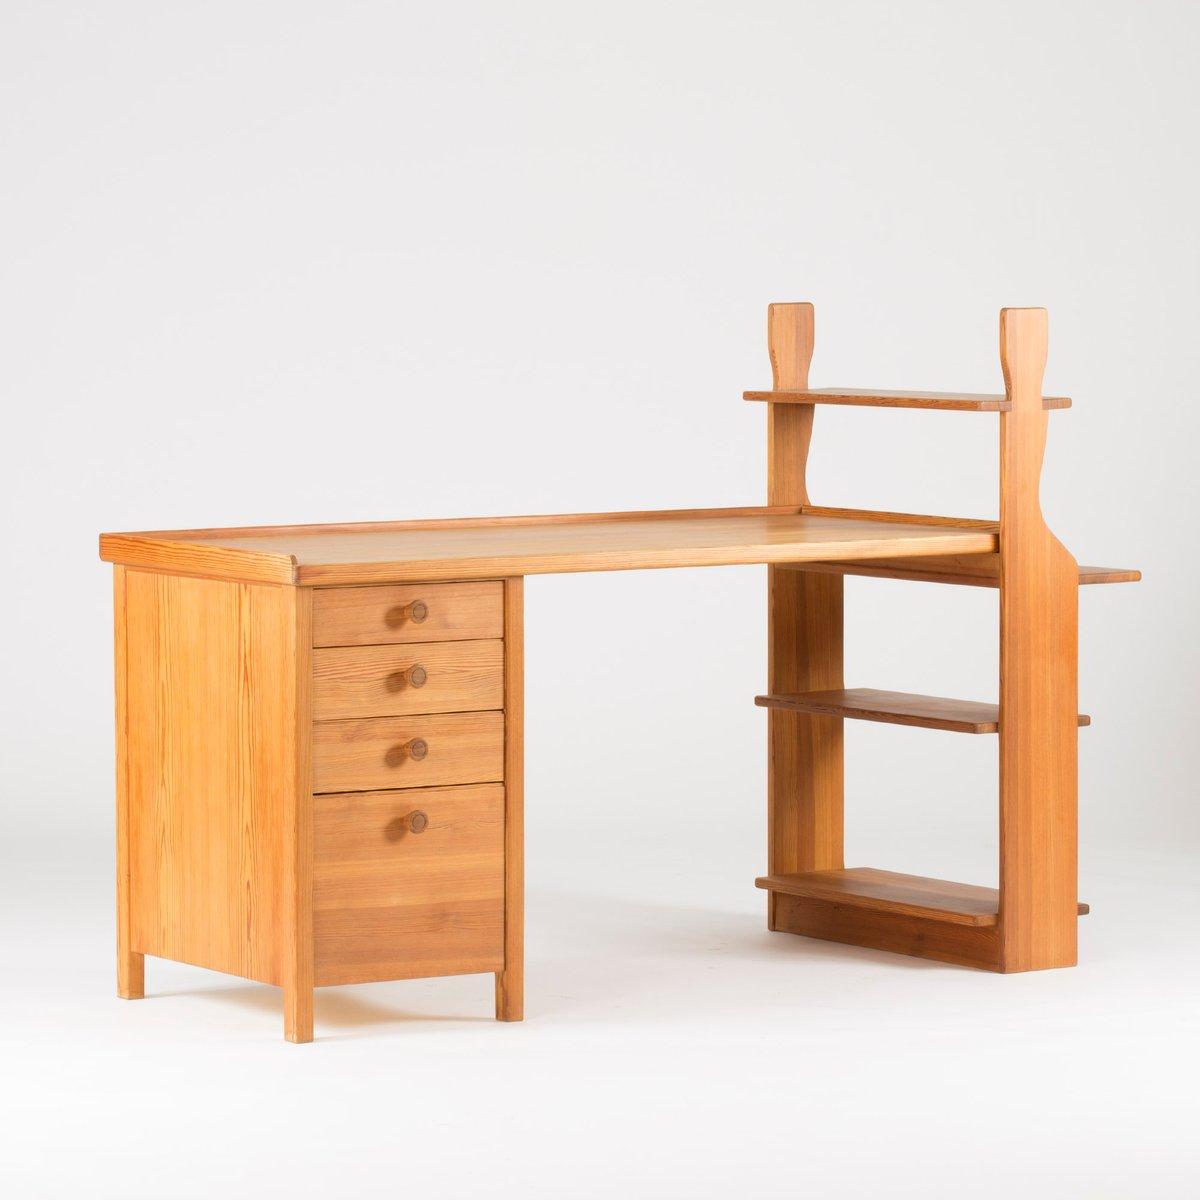 Schreibtisch aus kiefernholz von carl malmsten 1930er bei - Schreibtisch kiefernholz ...